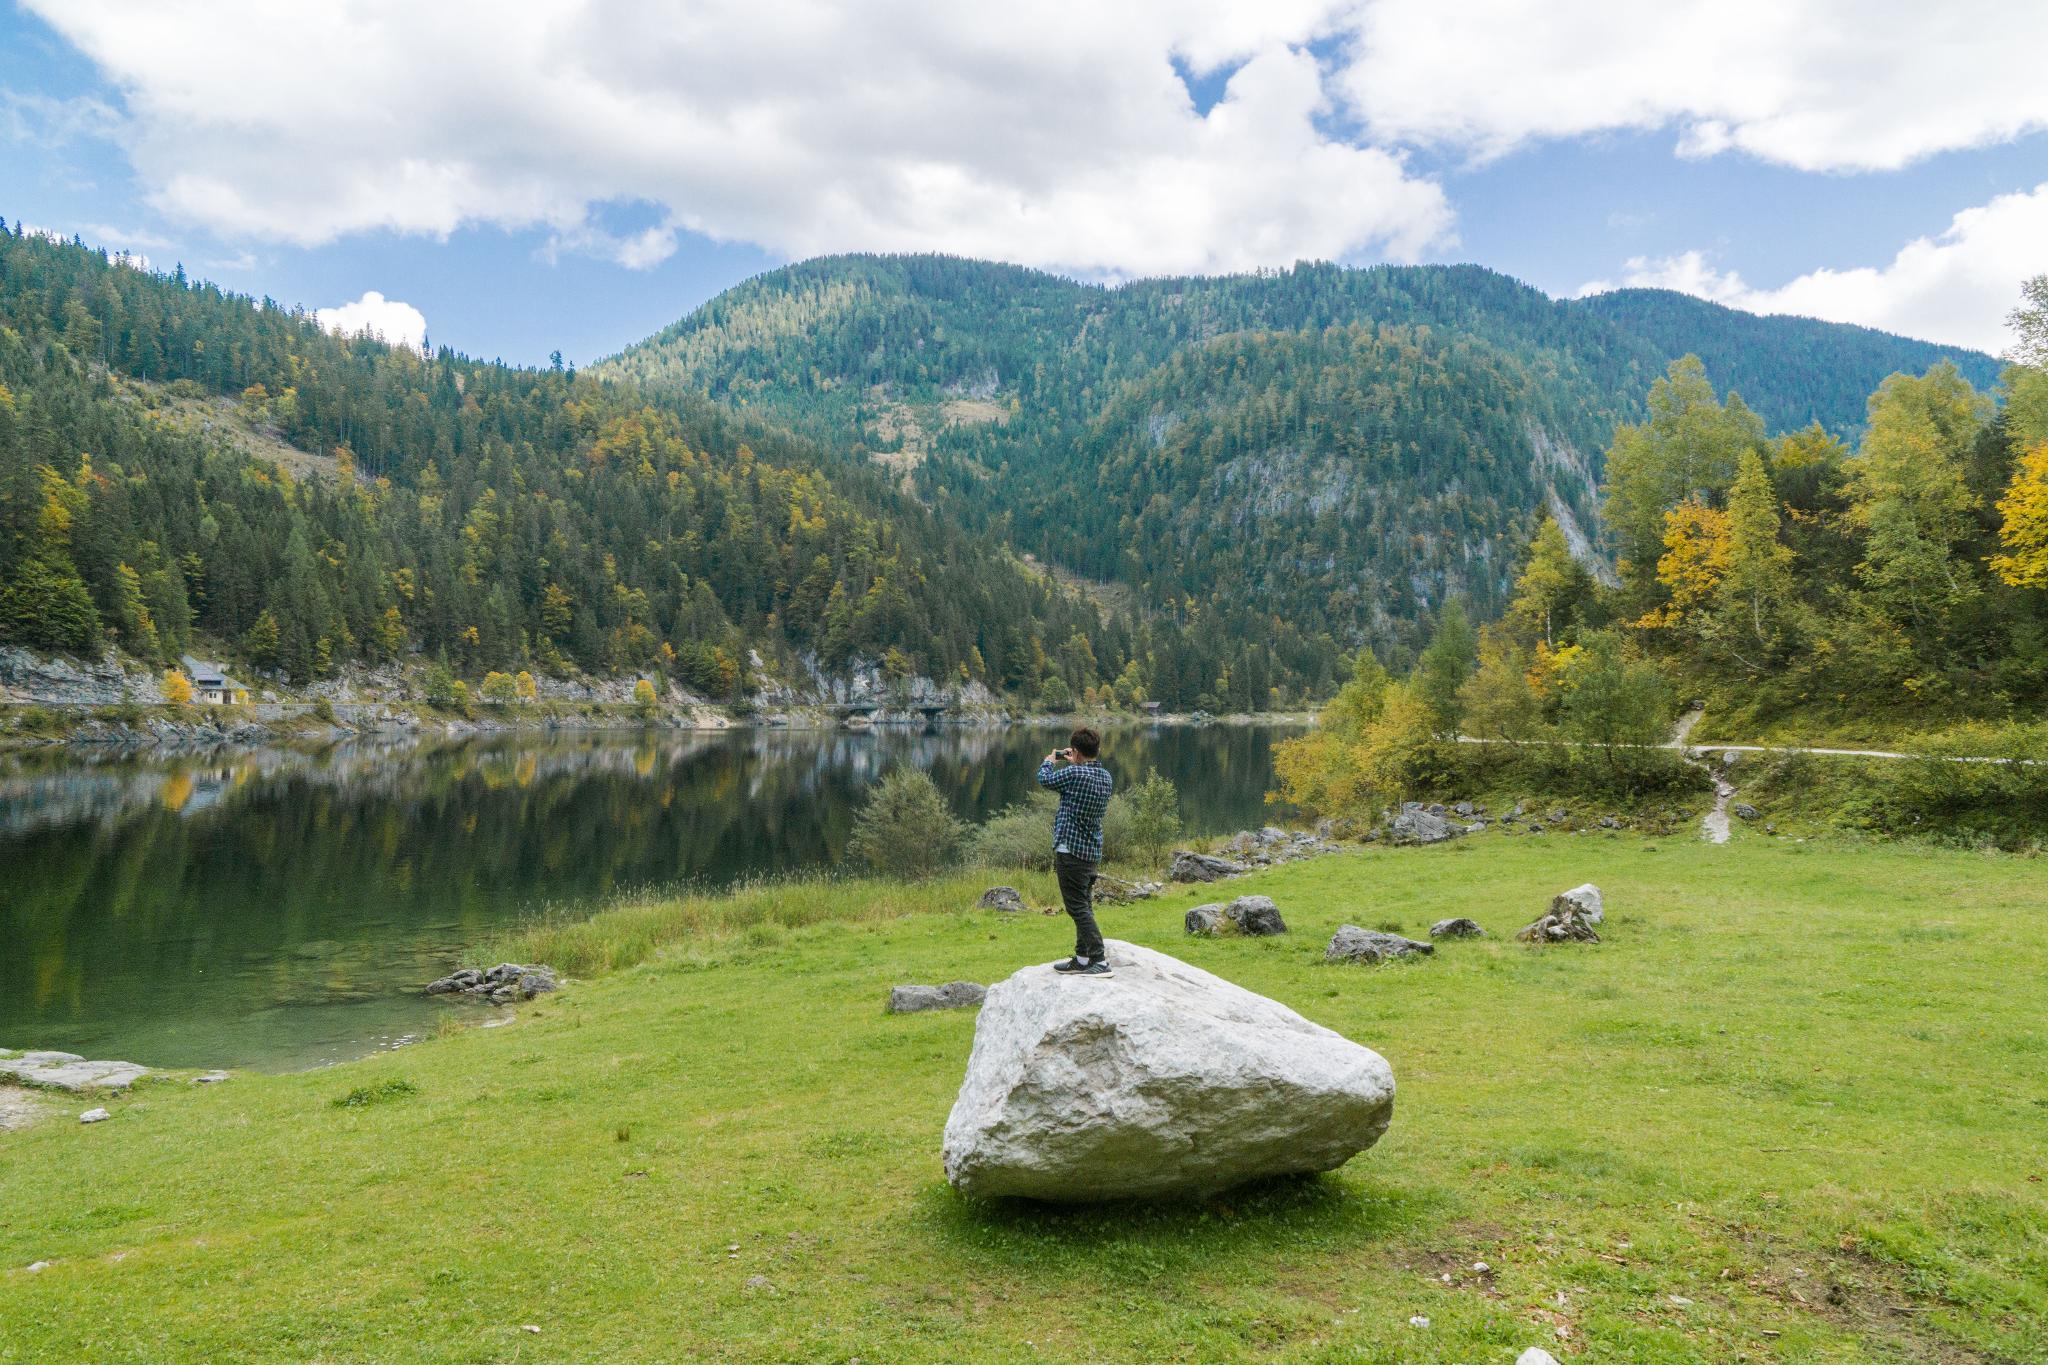 【奧地利】遠離塵囂!哈修塔特周邊的絕美湖泊 — 高薩湖 Gosausee 湖濱散記 19